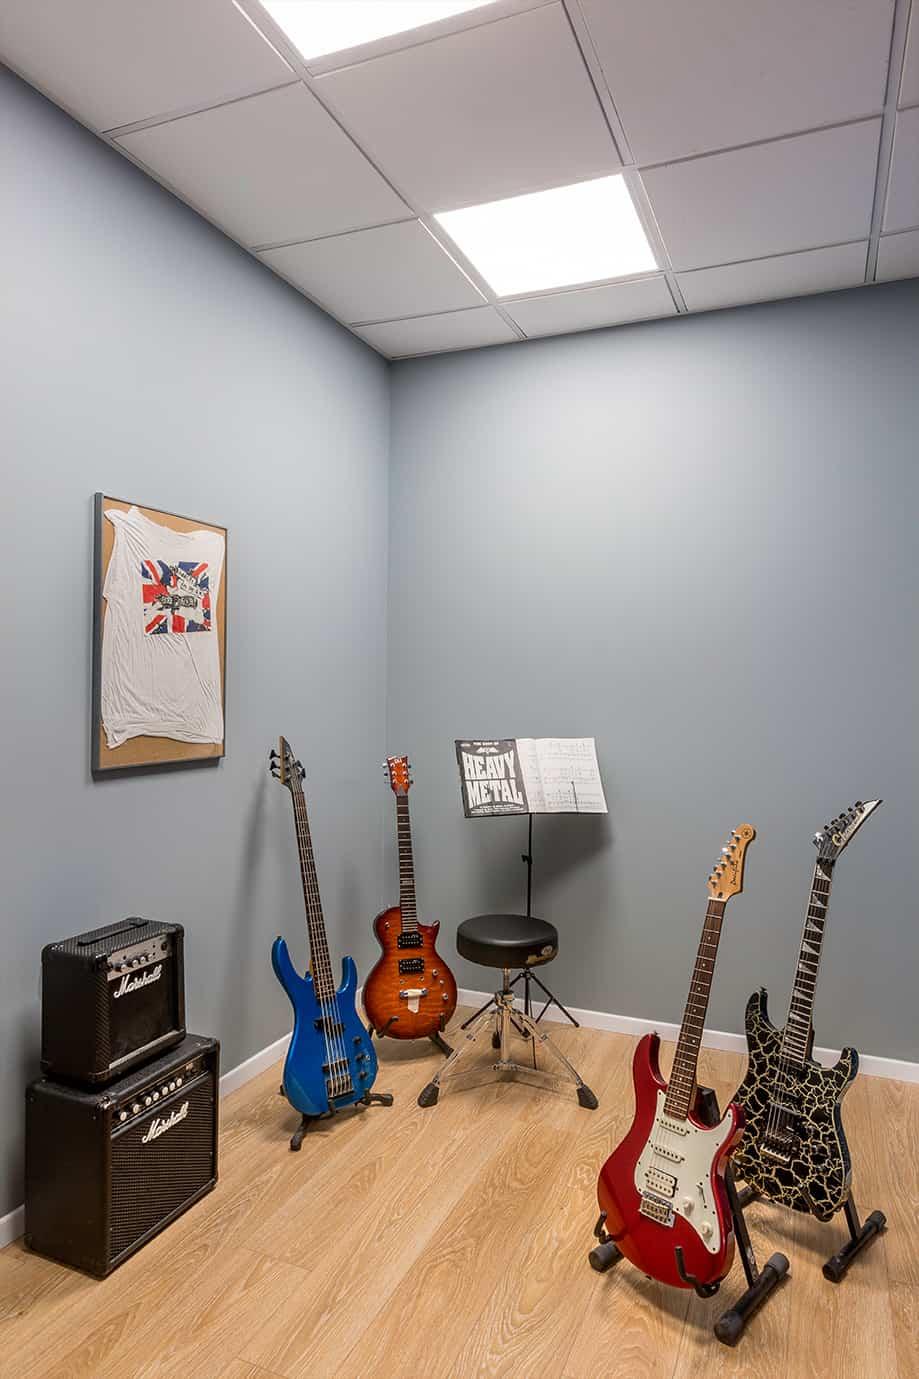 חדר גיטרות בבית ספר למוסיקה - תכנון ועיצוב שירית דרמן